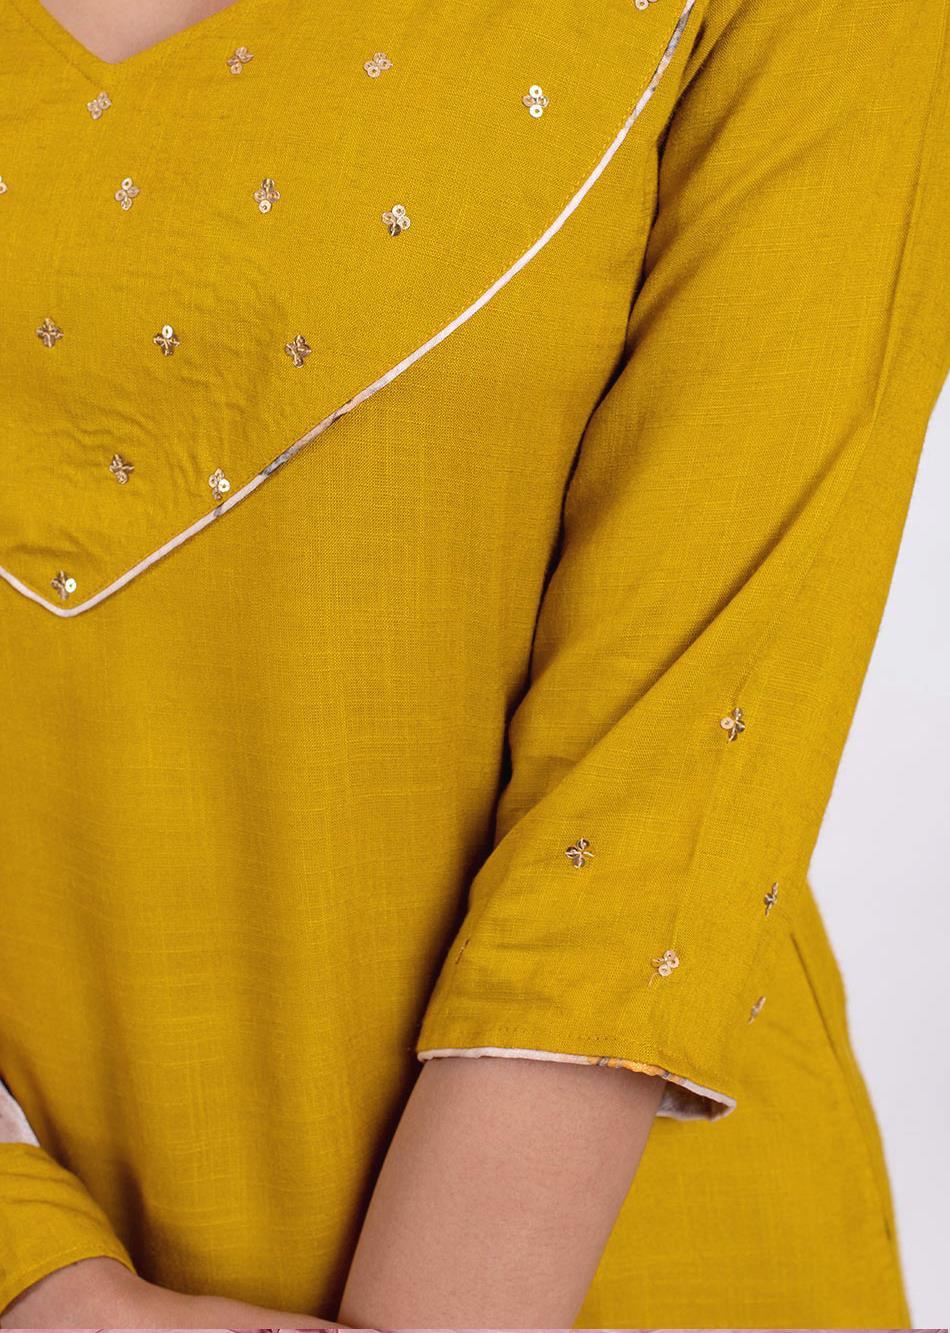 All Glittery kurta pant set By Jovi Fashion